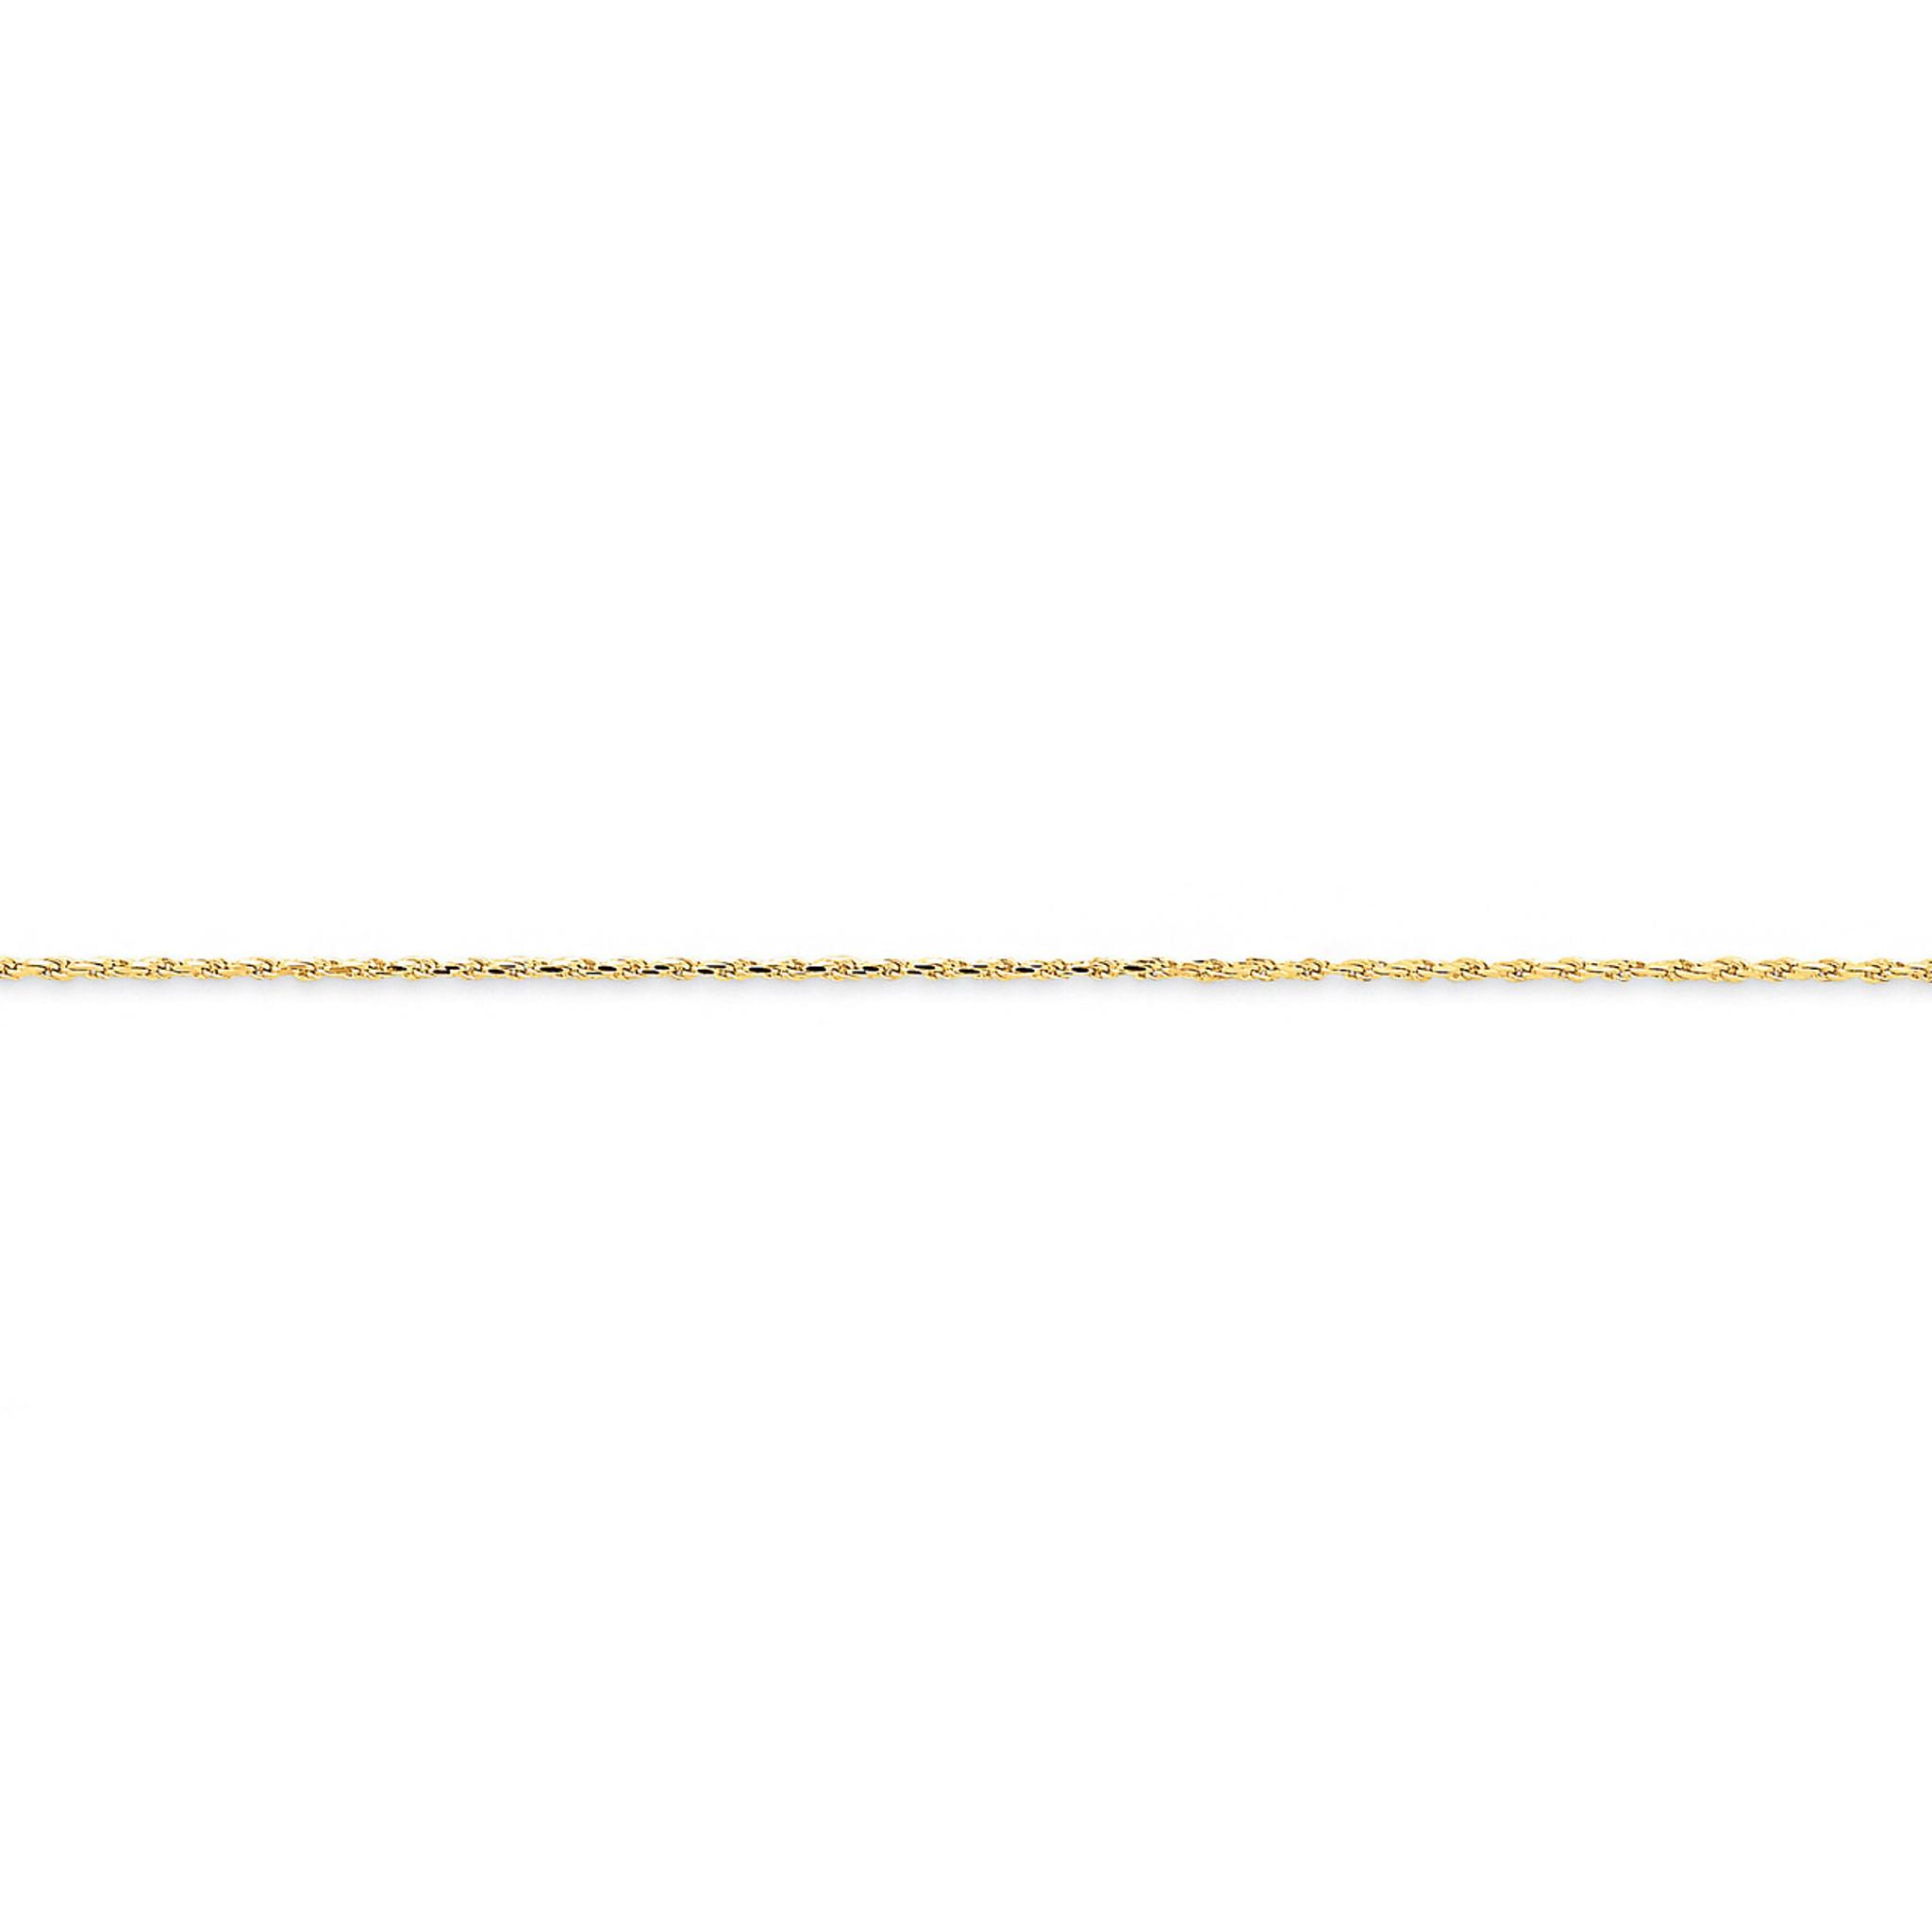 14k White Gold 1mm Machine-made Rope Chain